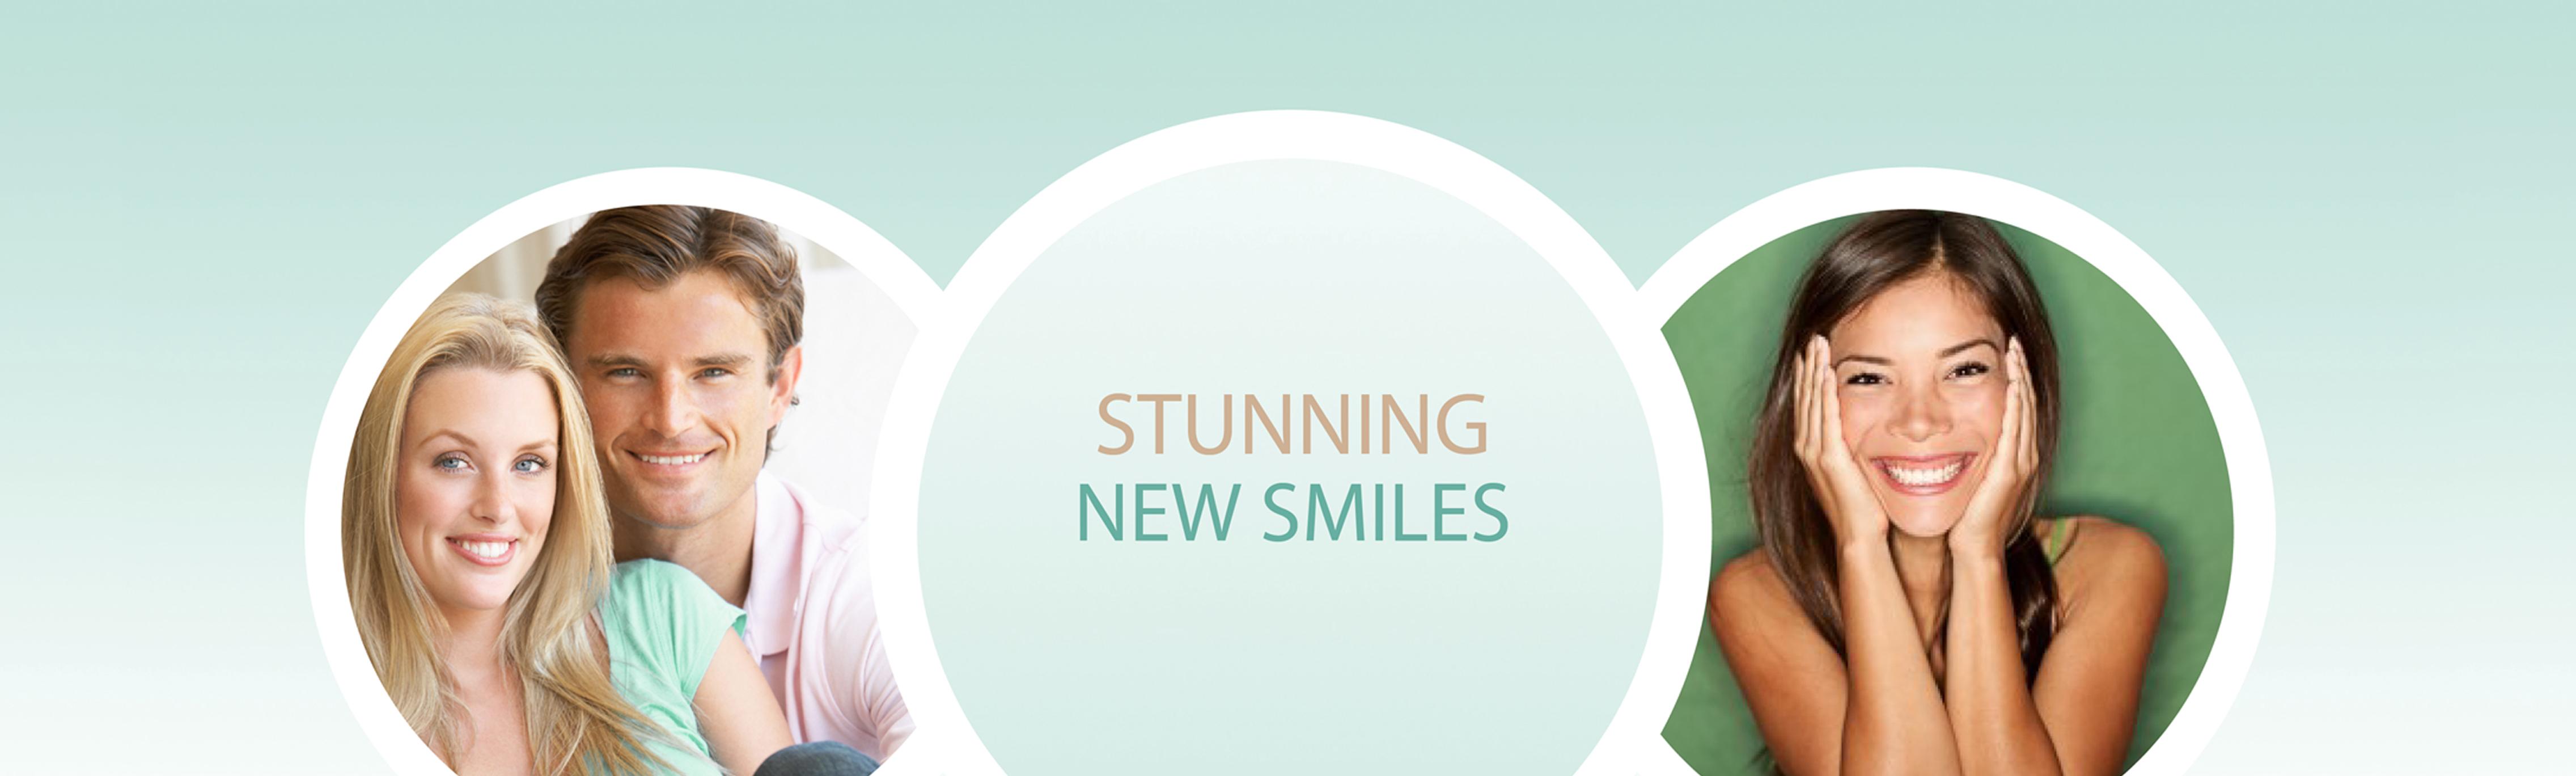 stunning new smile.jpg